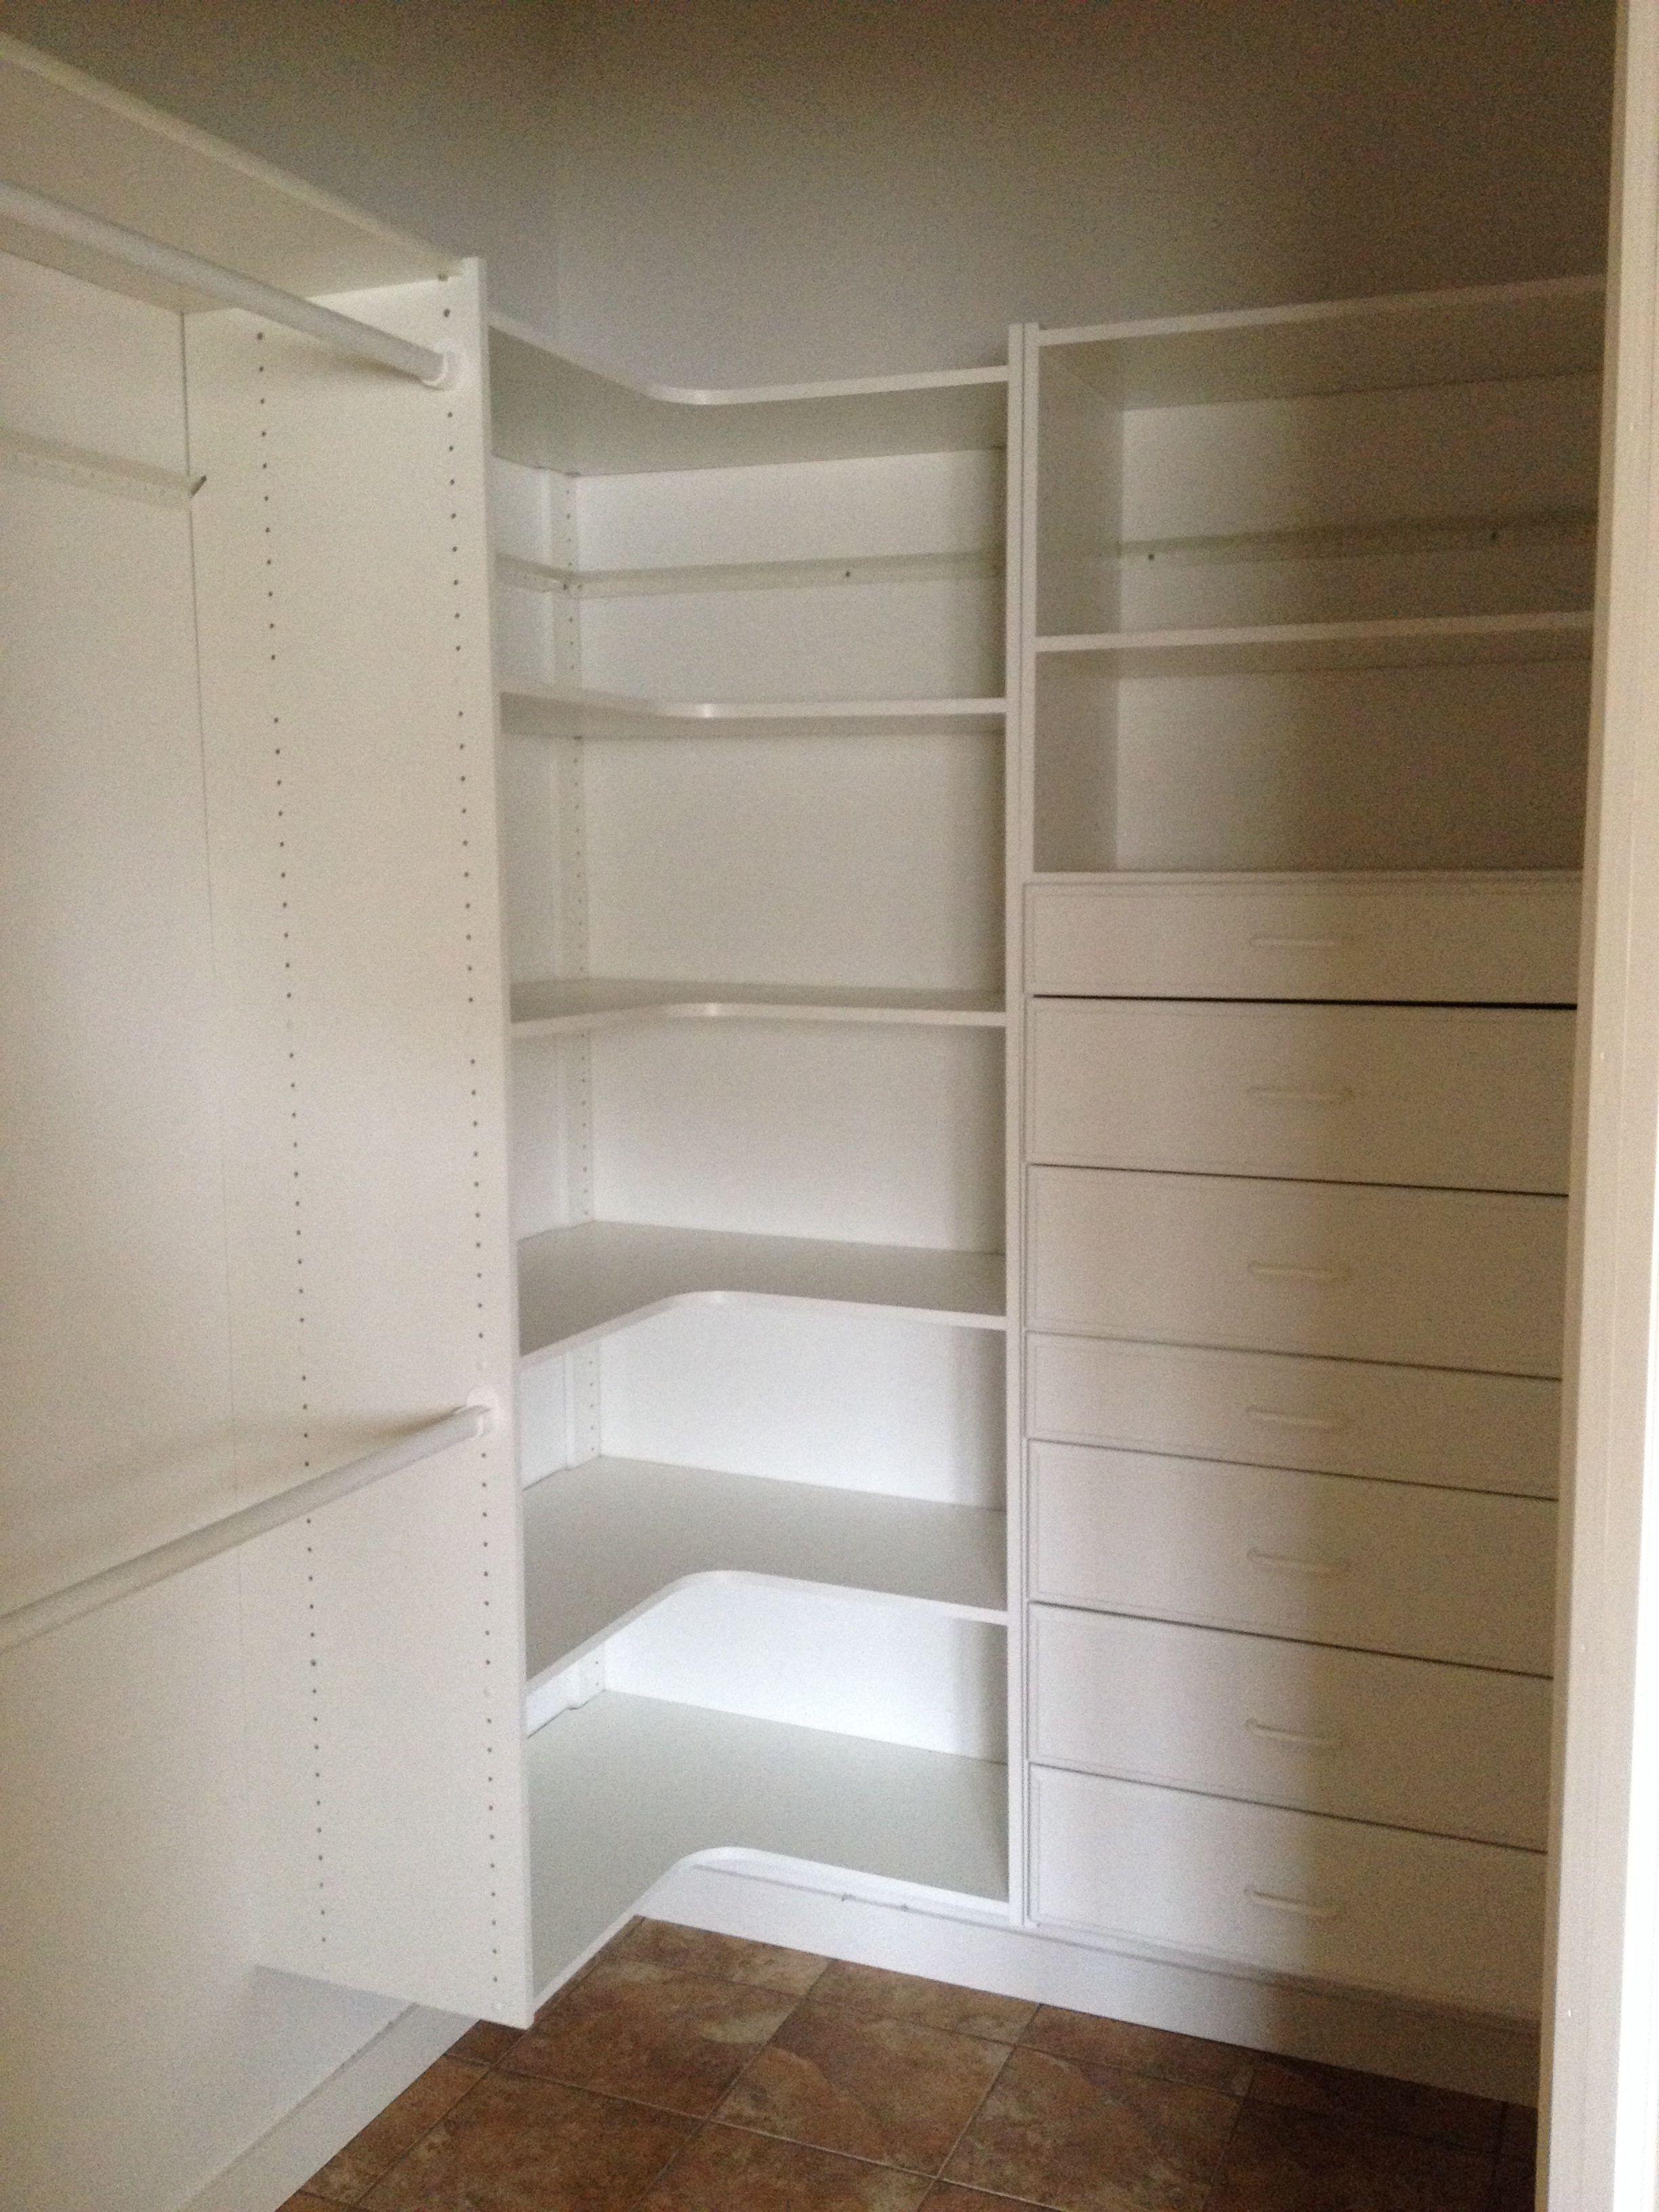 Master bedroom walk-in closet idea for maximum storage and ...